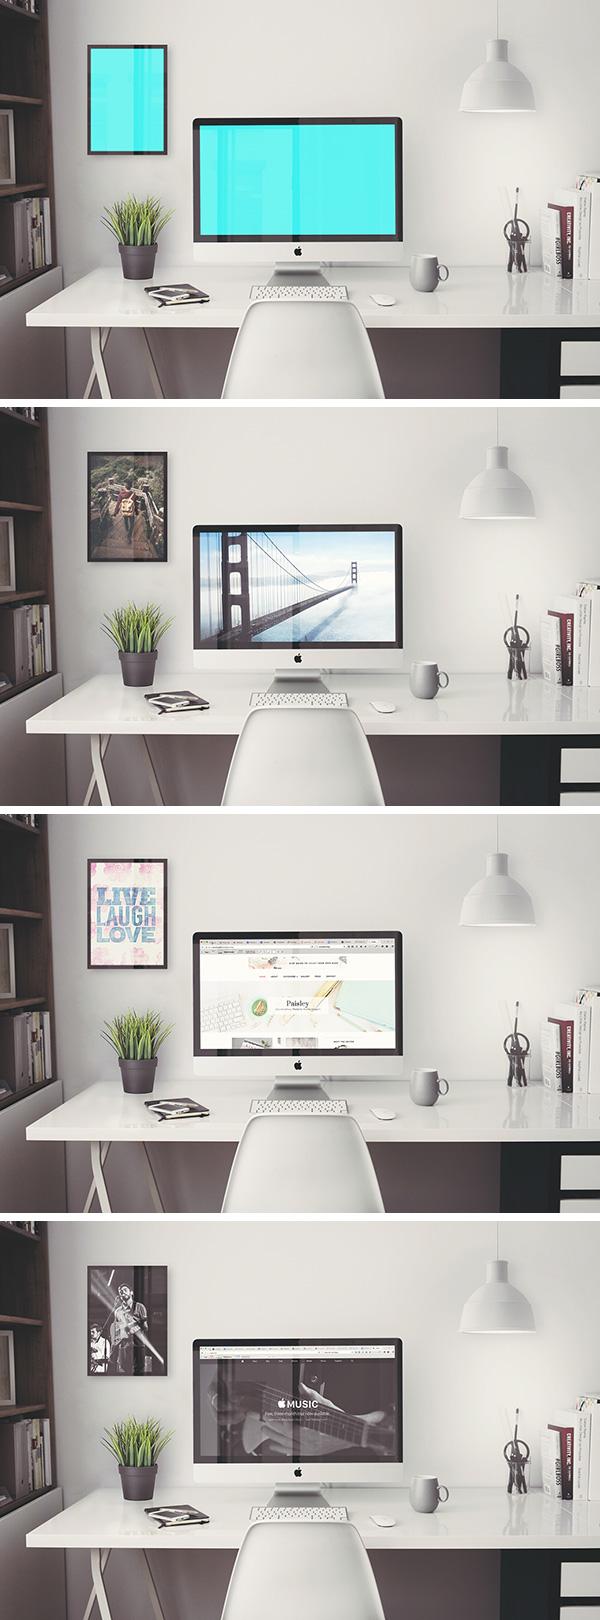 Mockup iMac retina